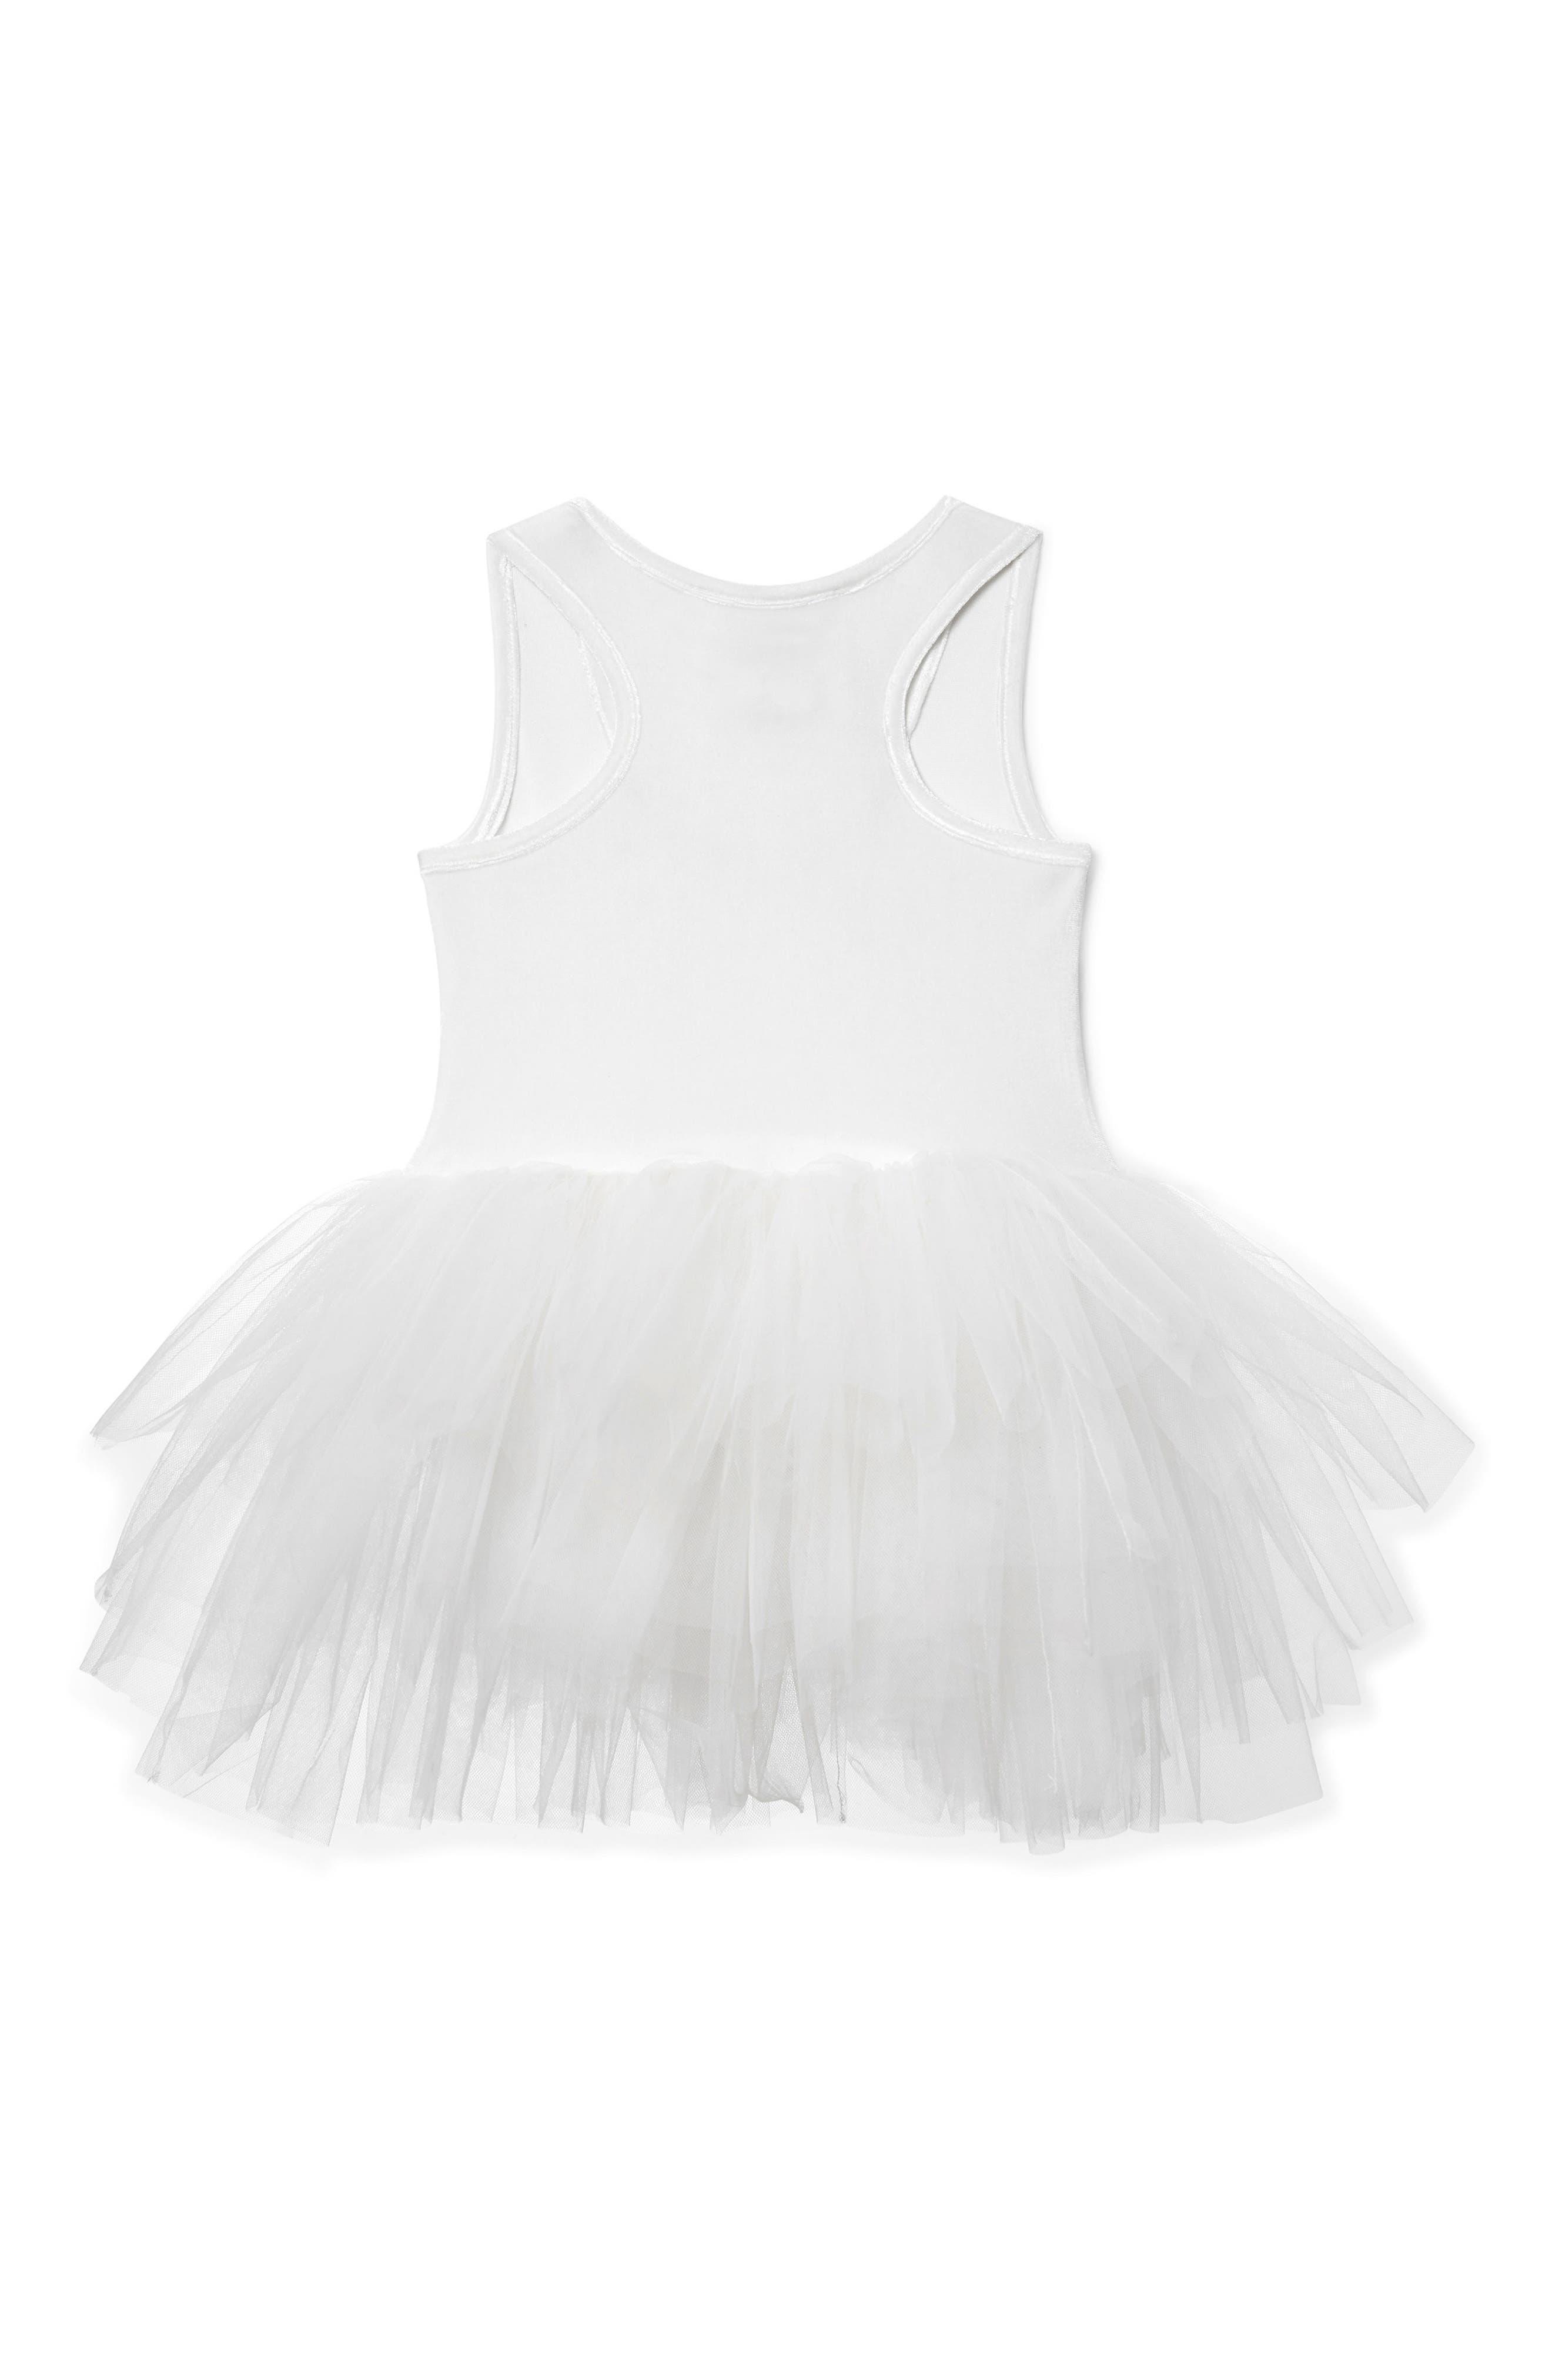 Tutu Dress,                             Alternate thumbnail 2, color,                             100